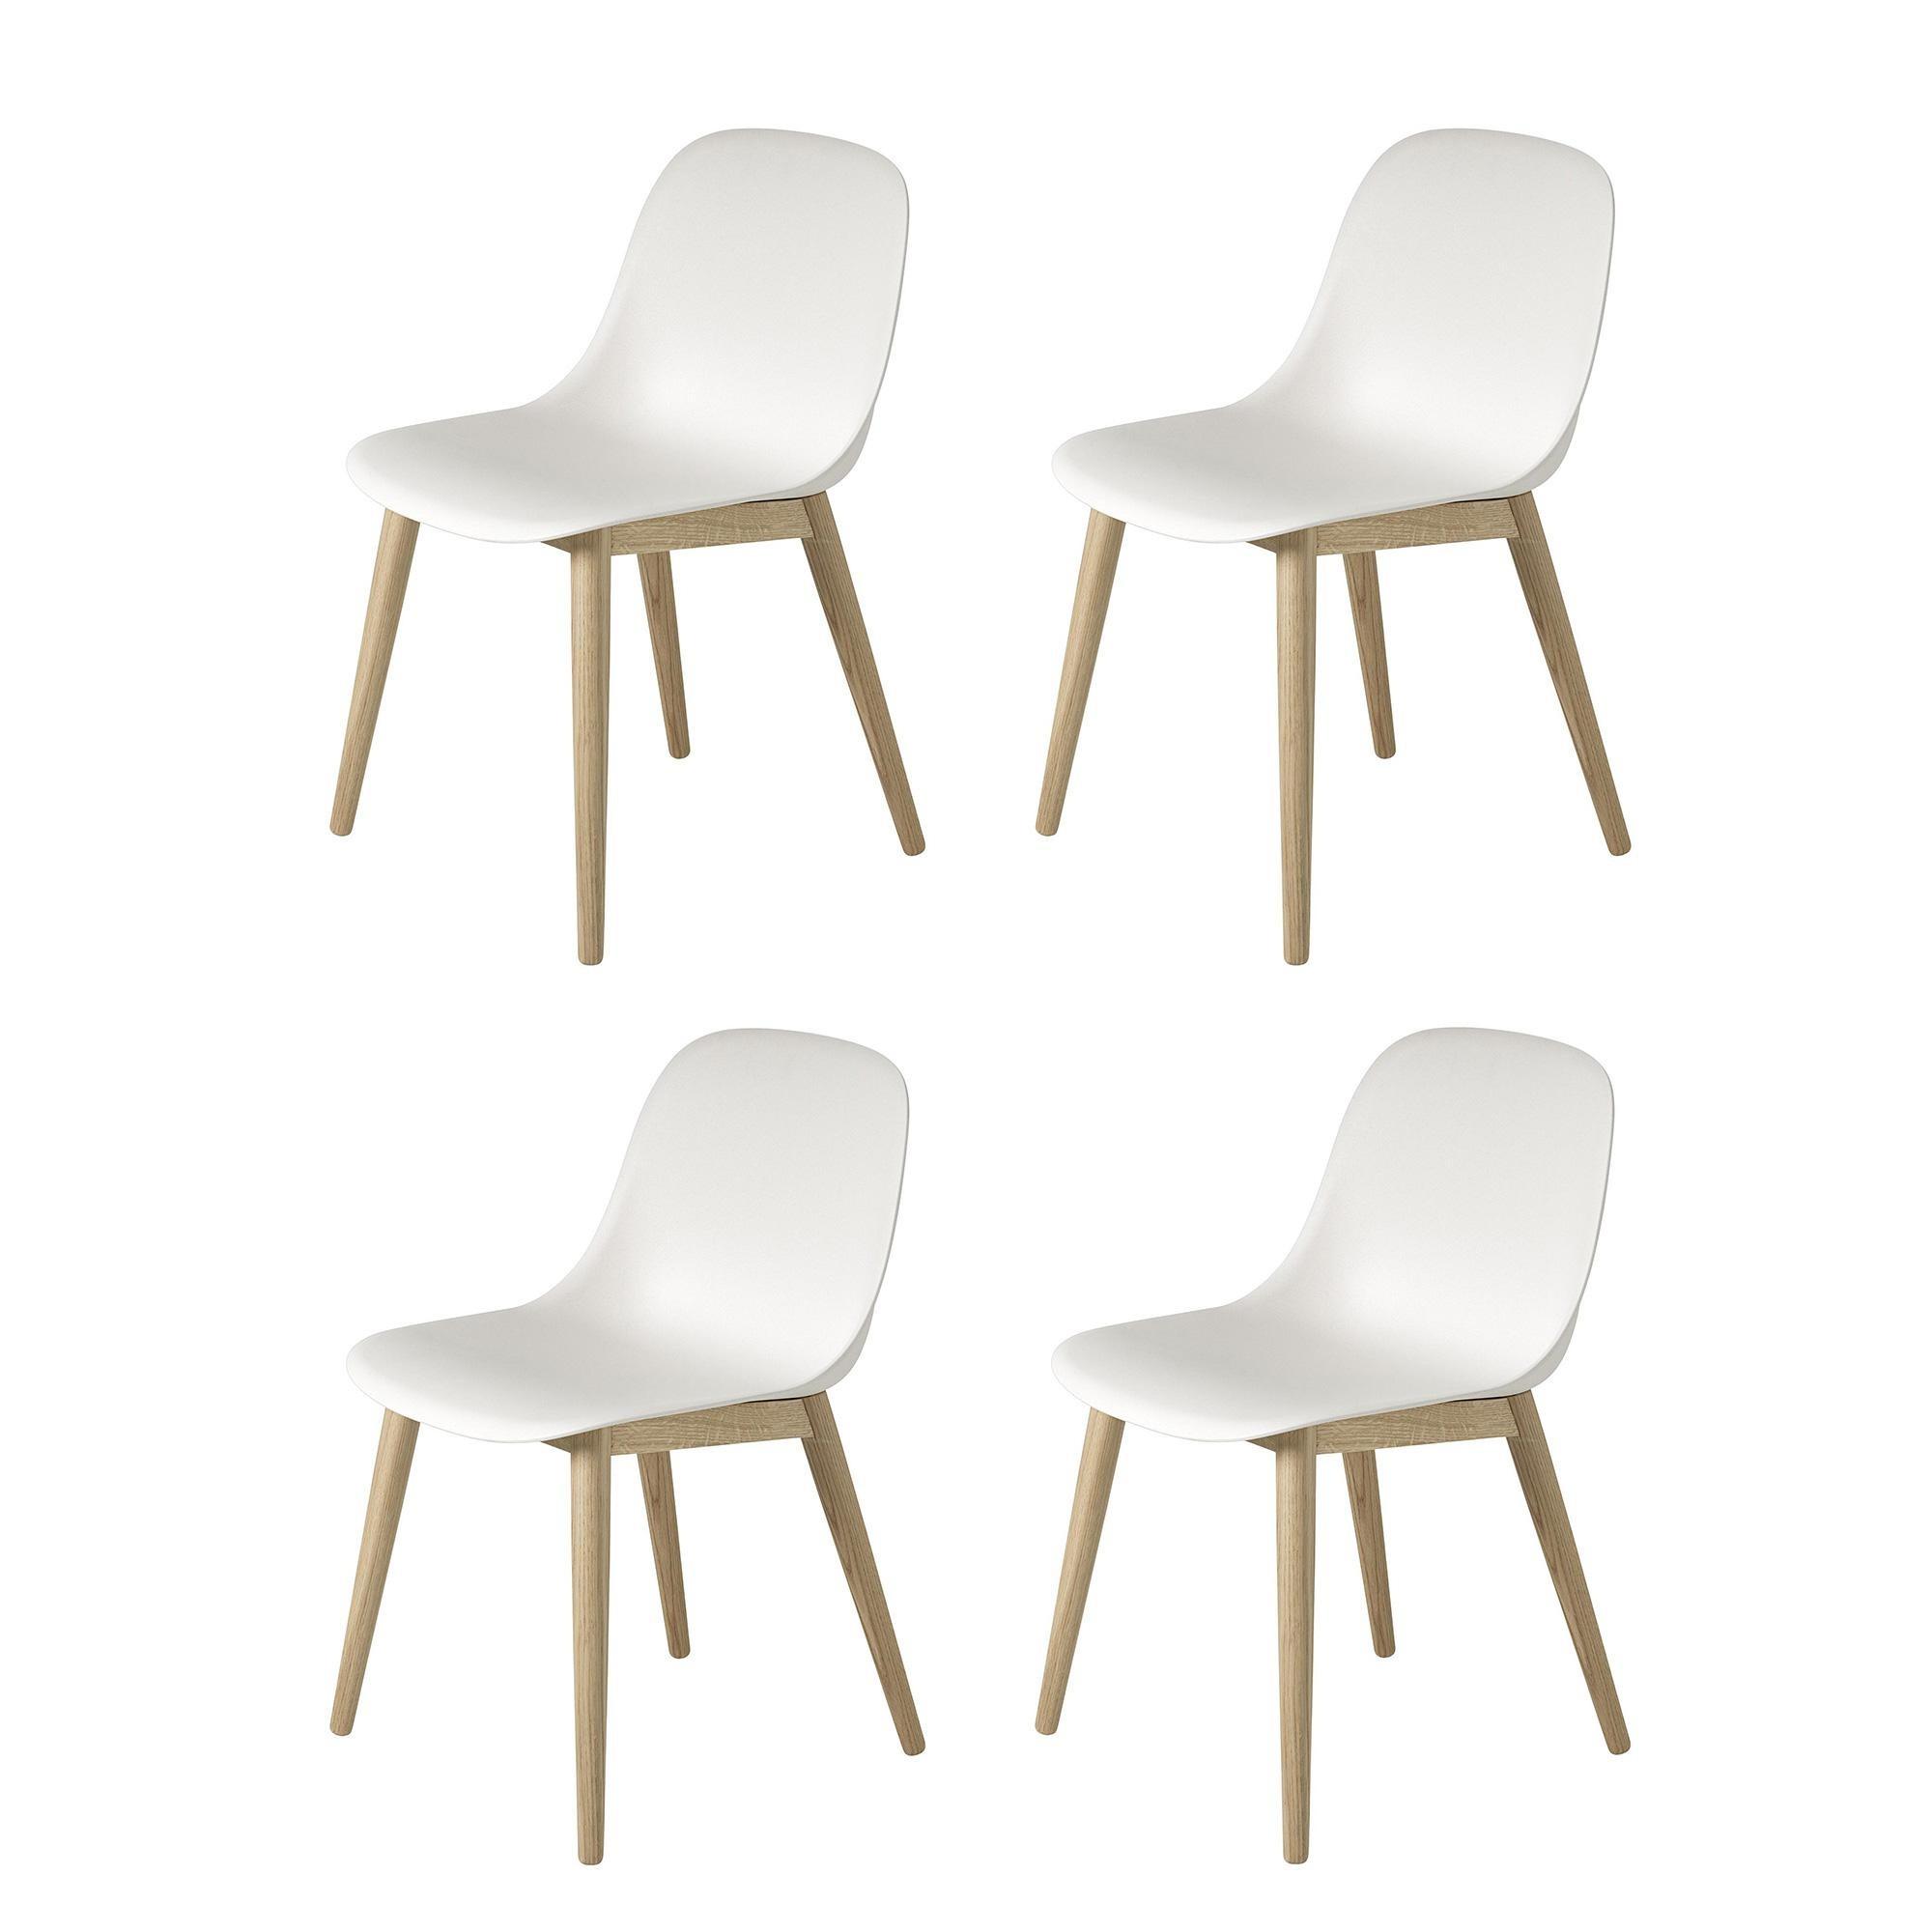 Fiber Chair Stuhl mit Holzgestell 4er Set